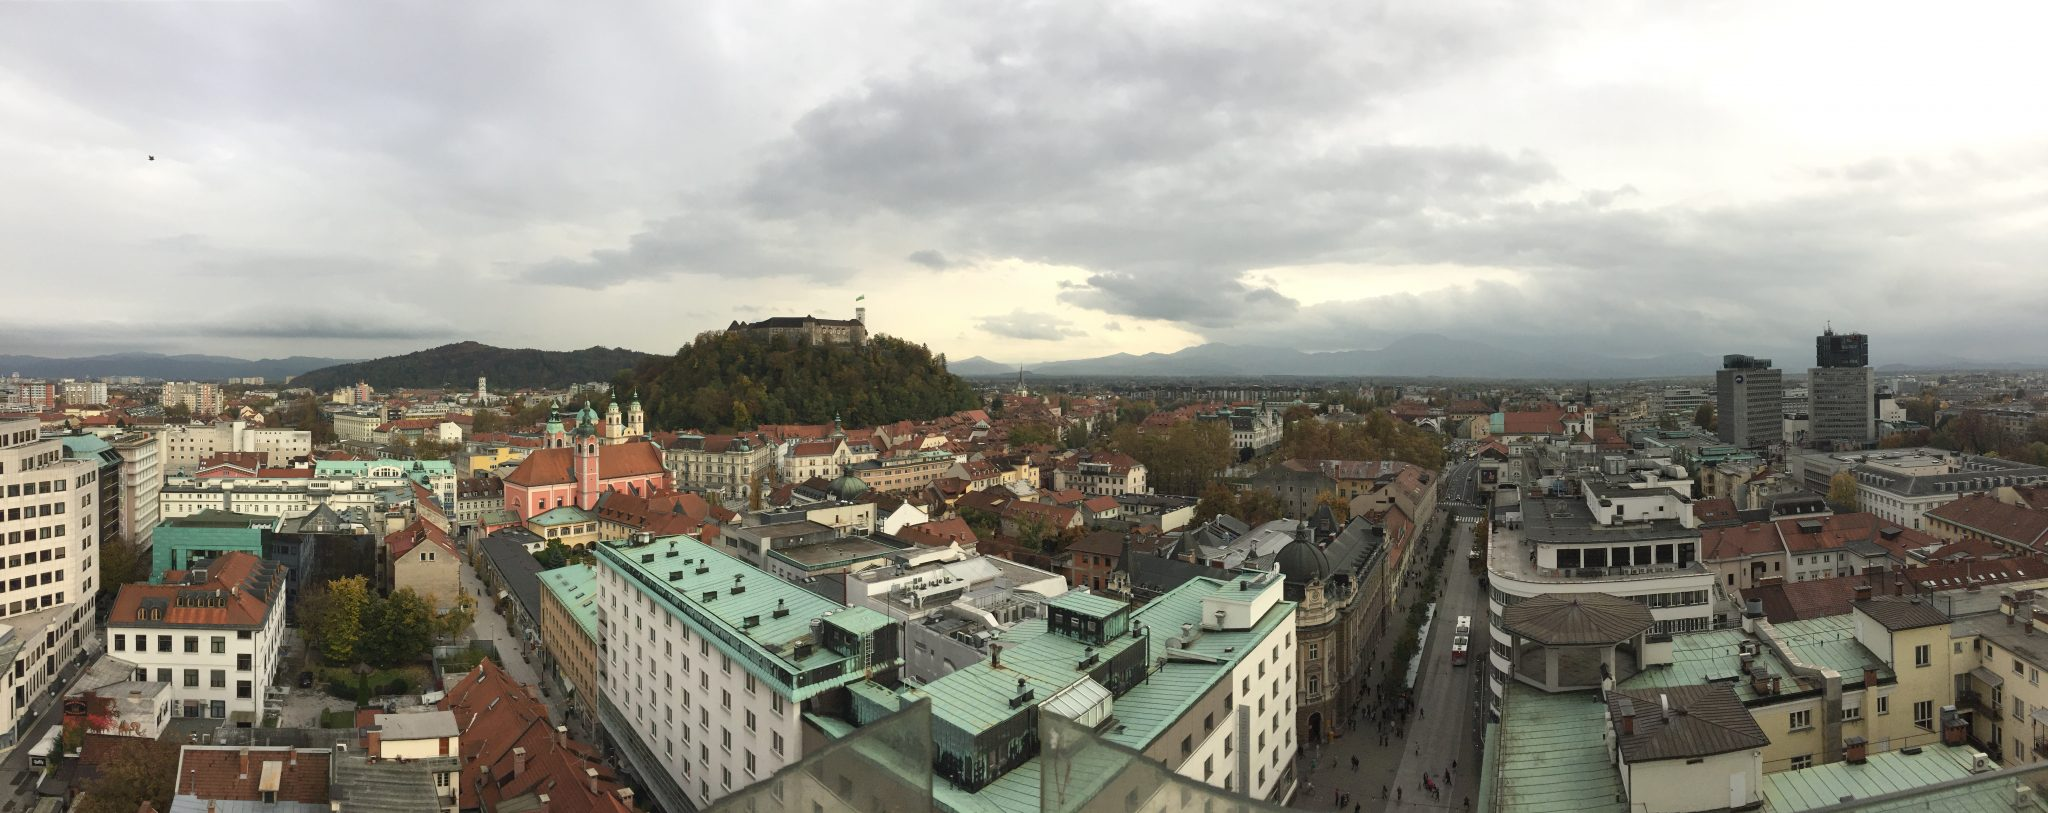 Nebotičnik_view_ljubljana_slovenia